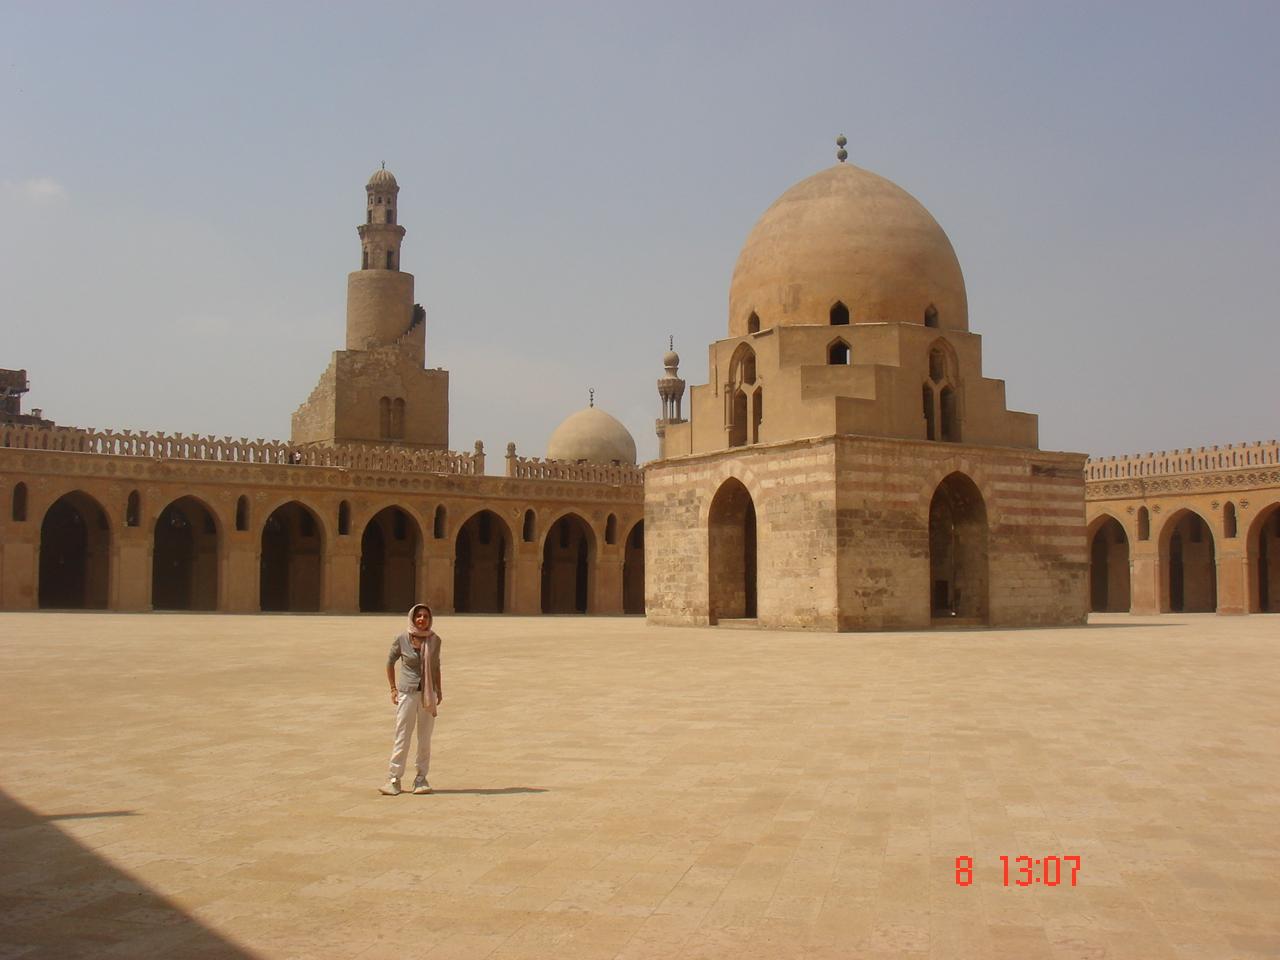 La mosquée d'Ahmed ibn Toulon au Caire islamique